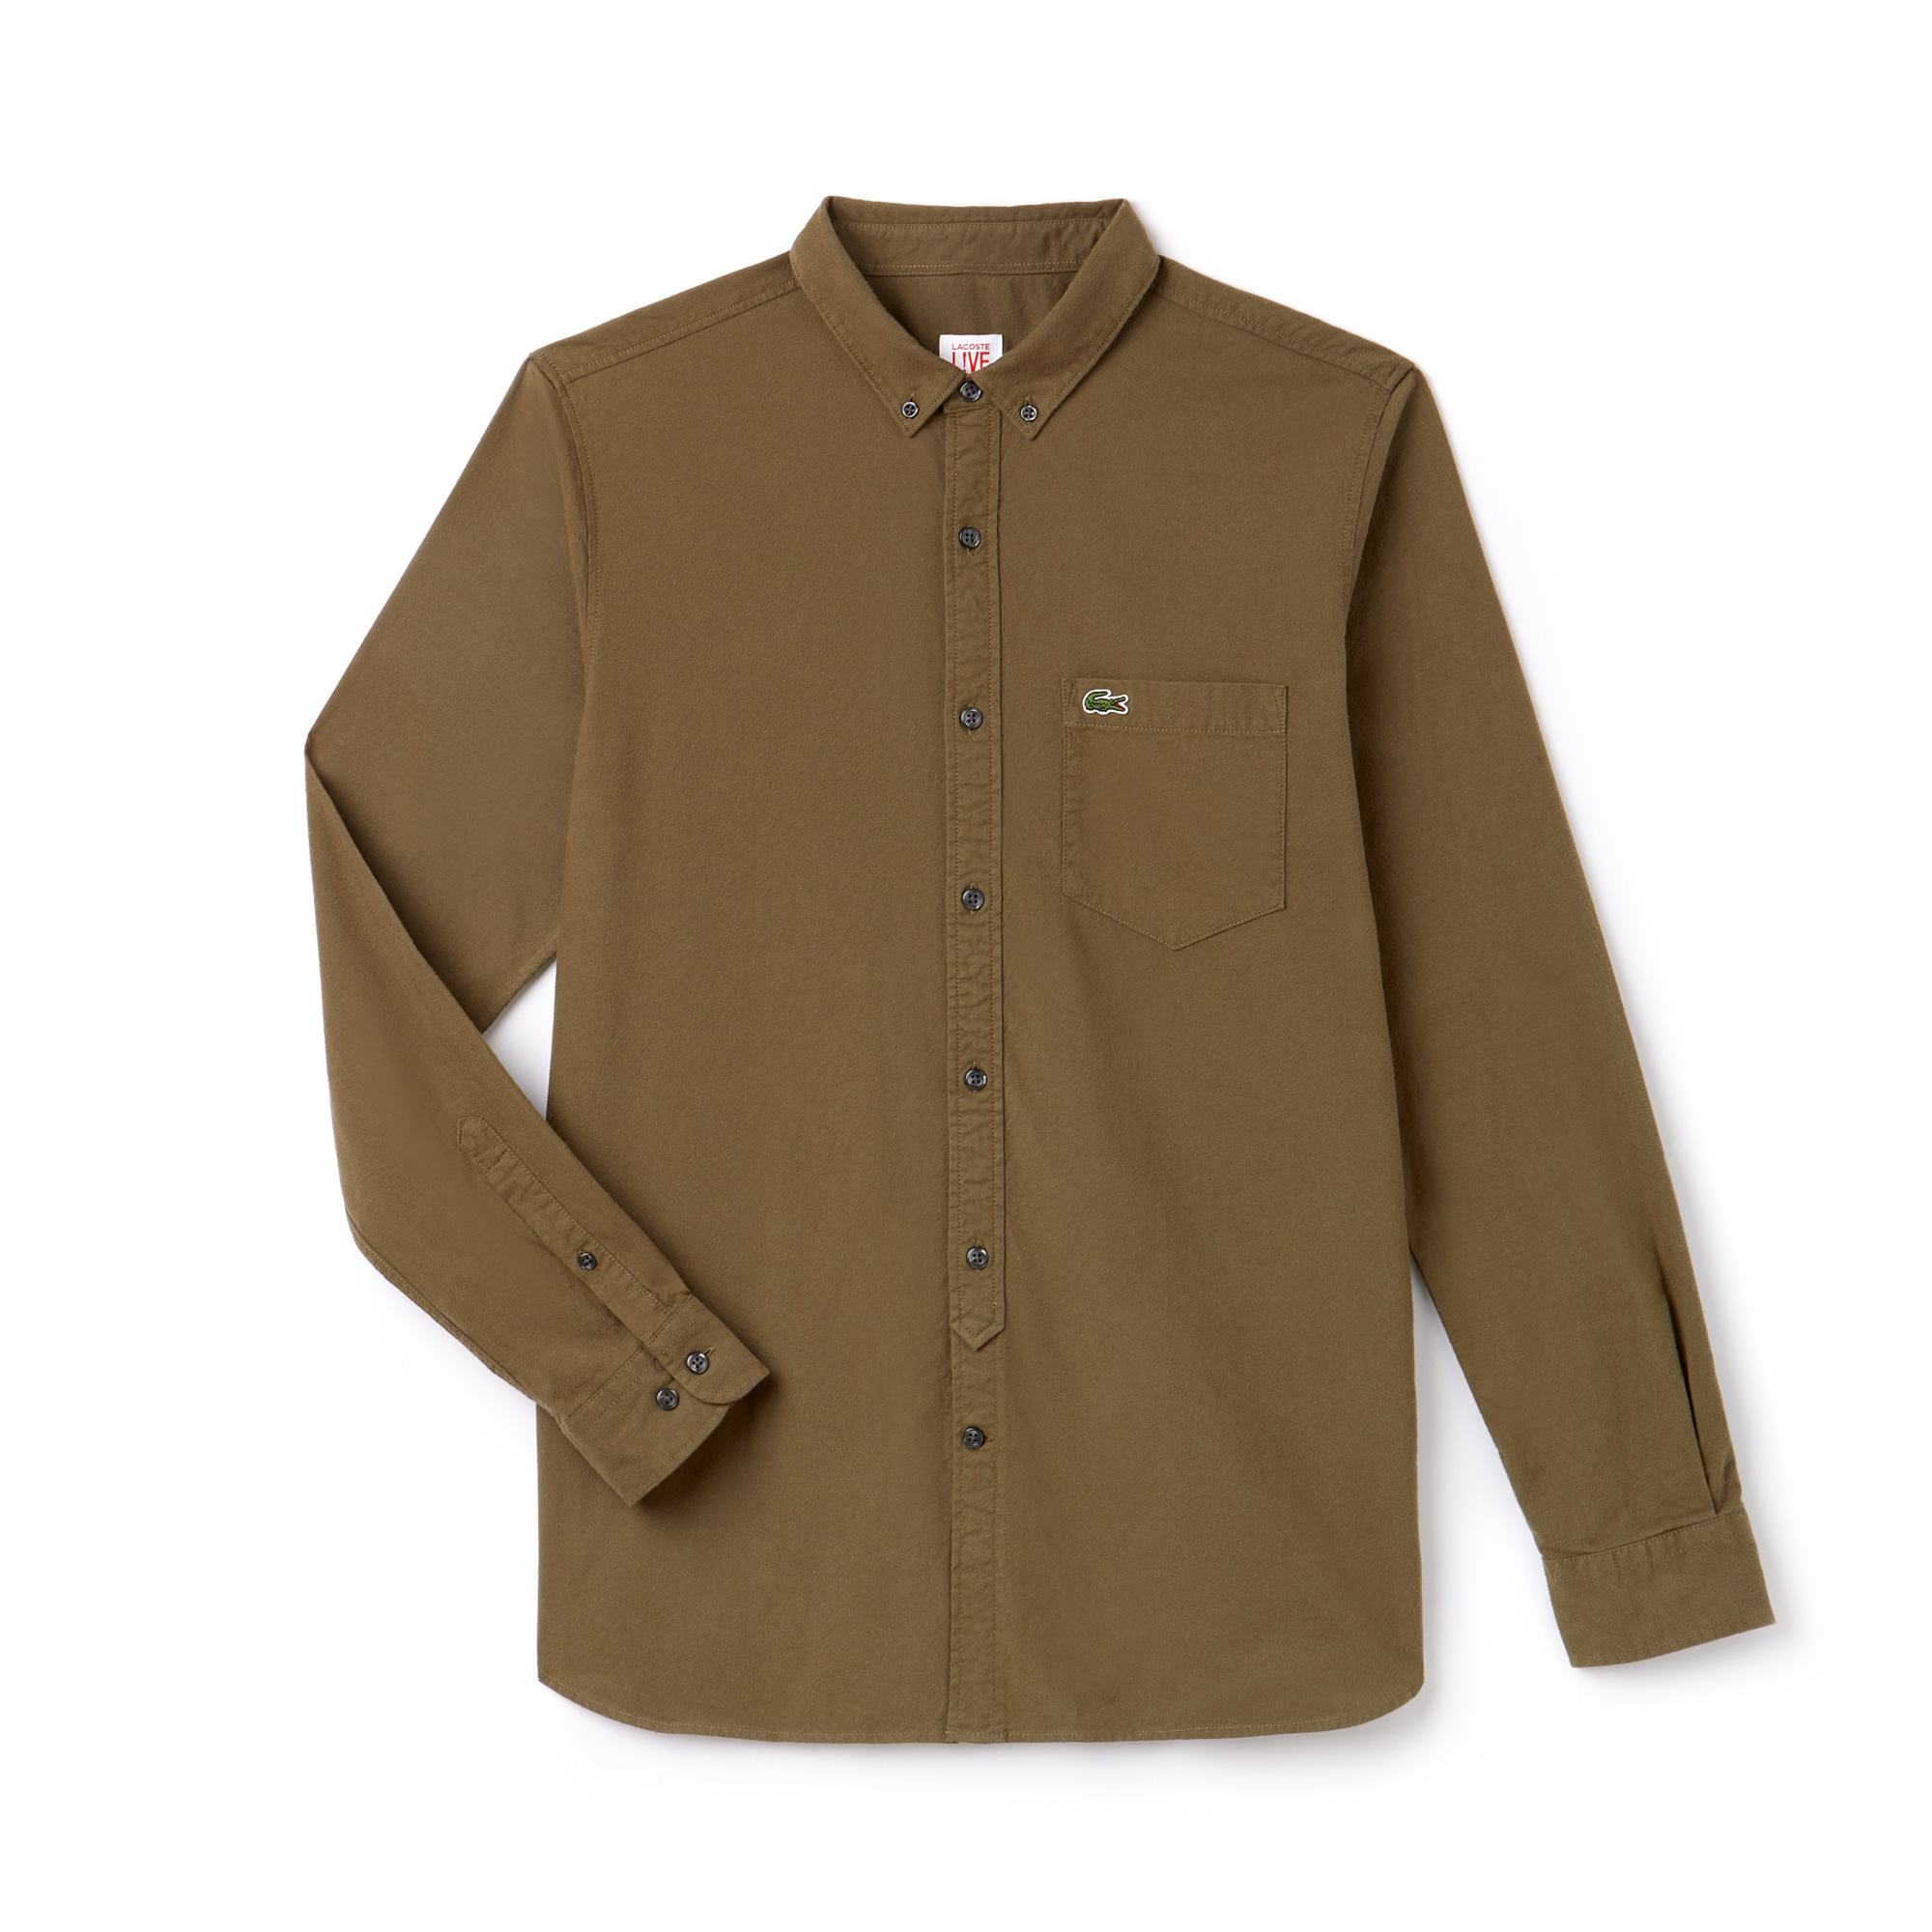 Camicia Skinny fit Lacoste LIVE in cotone Oxford tinta unita